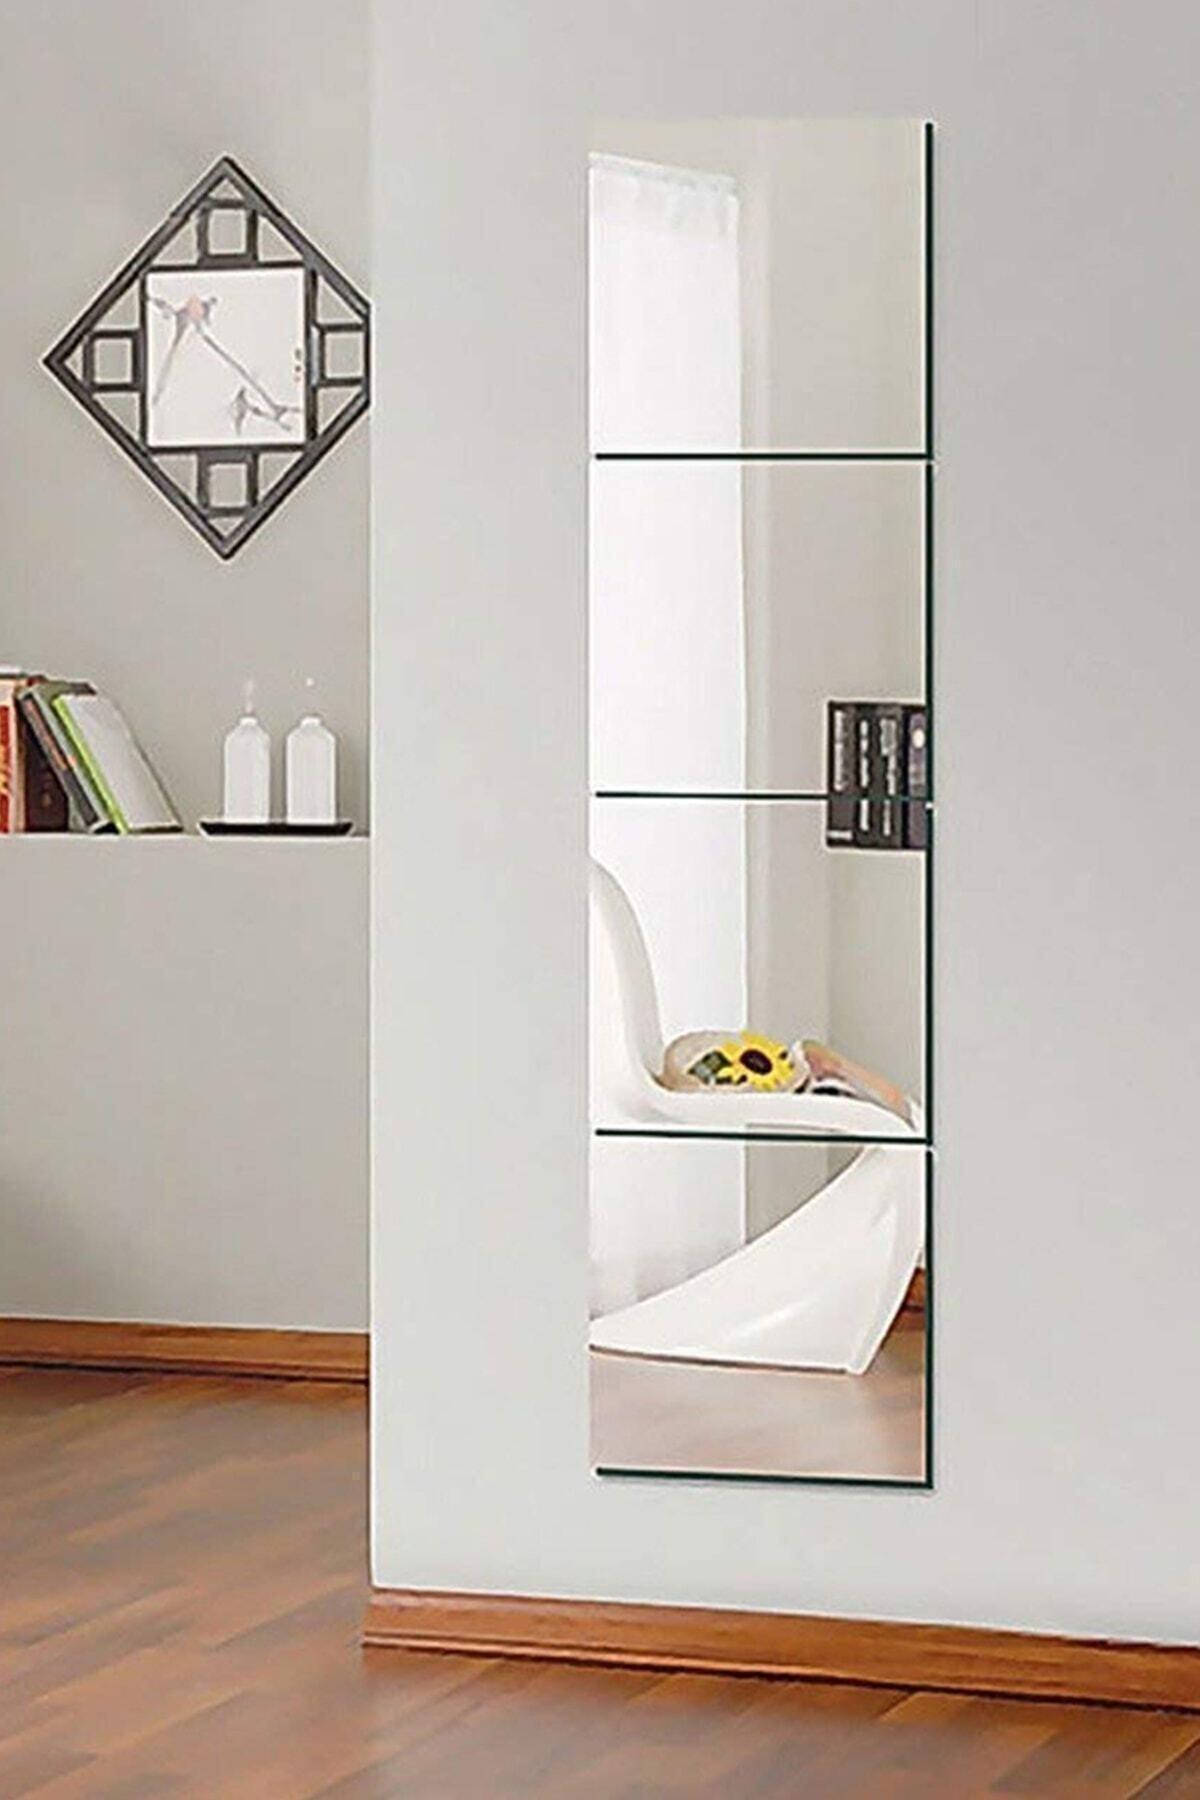 Kare Boy Aynası 4 Parçalı 30x30